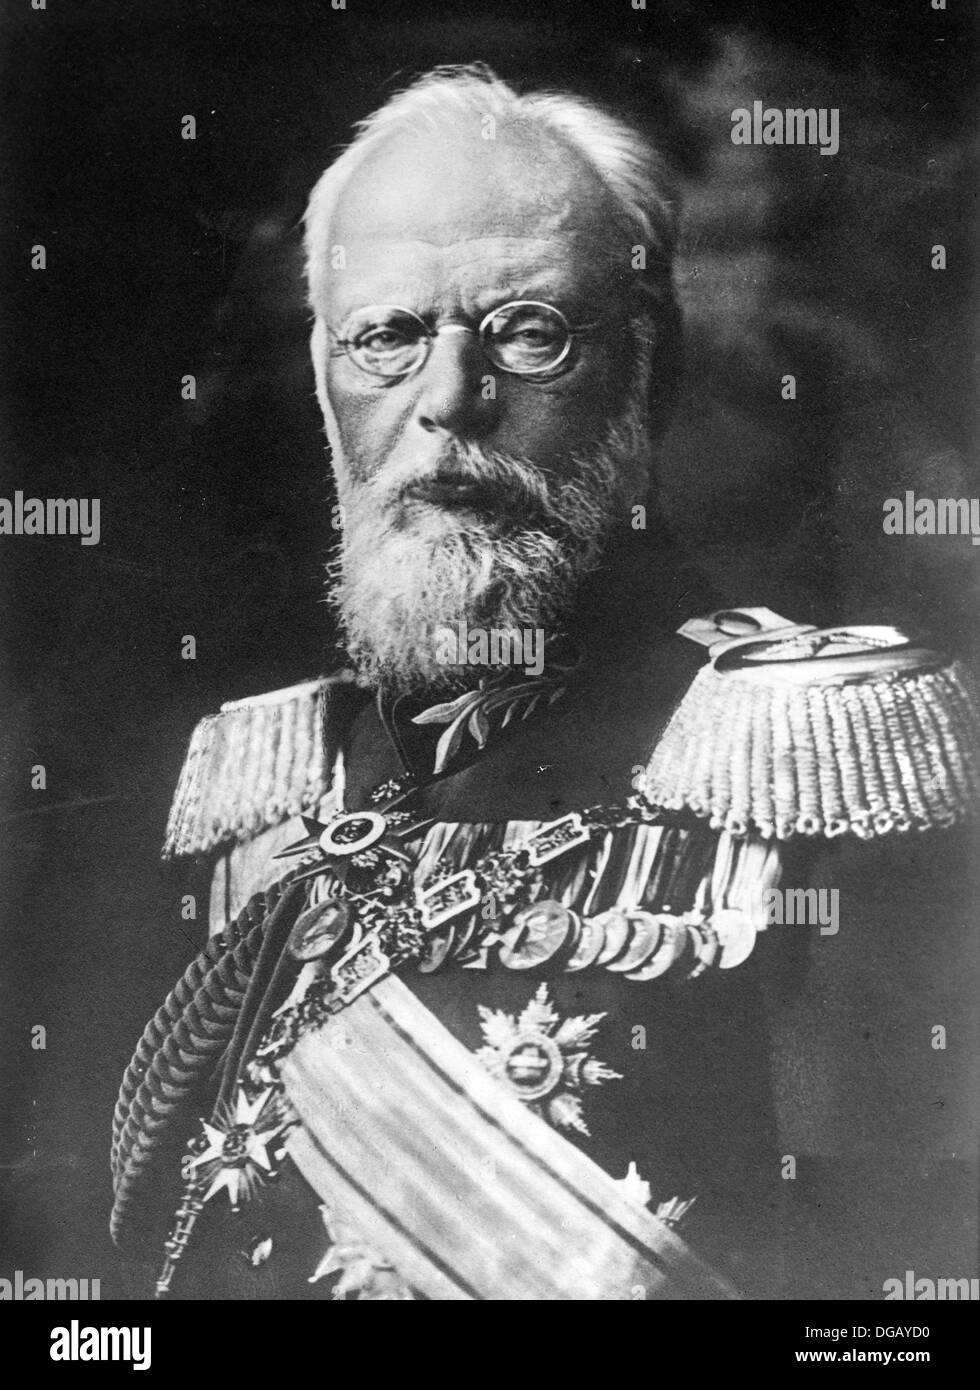 King Ludwig III of Bavaria - Stock Image